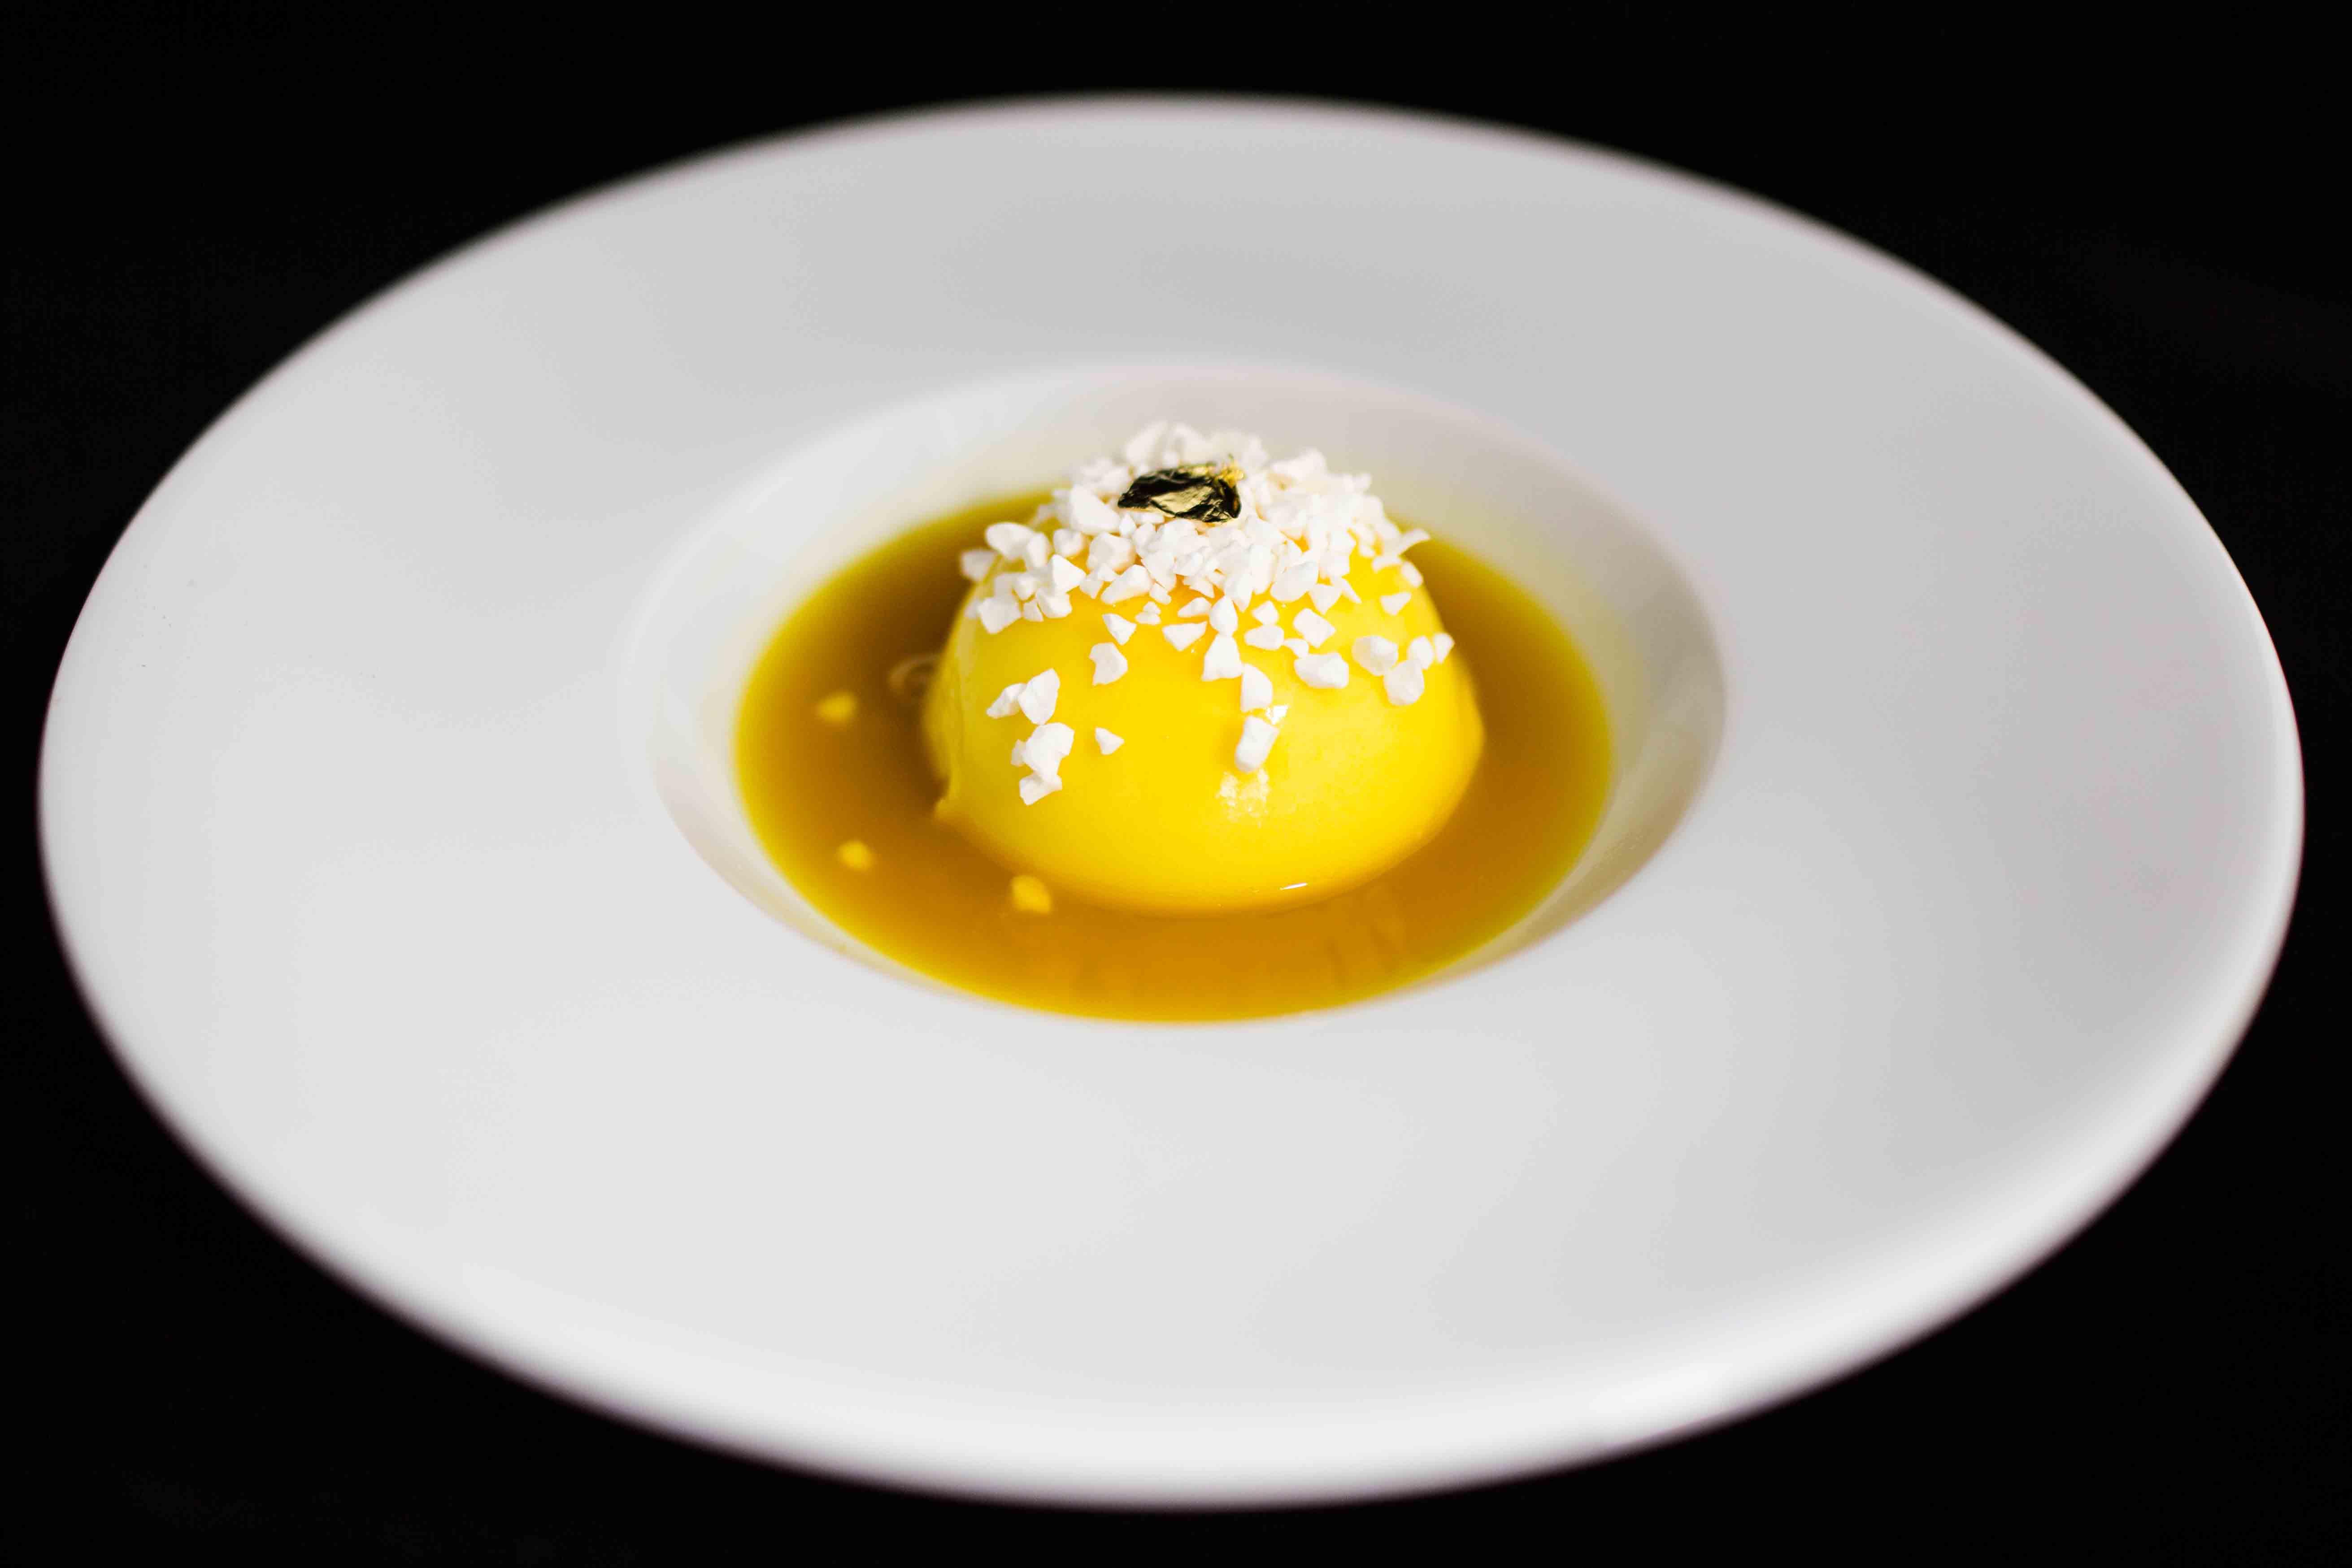 pastel-de-citricos-con-su-coulis-y-crocanti-de-yogur01